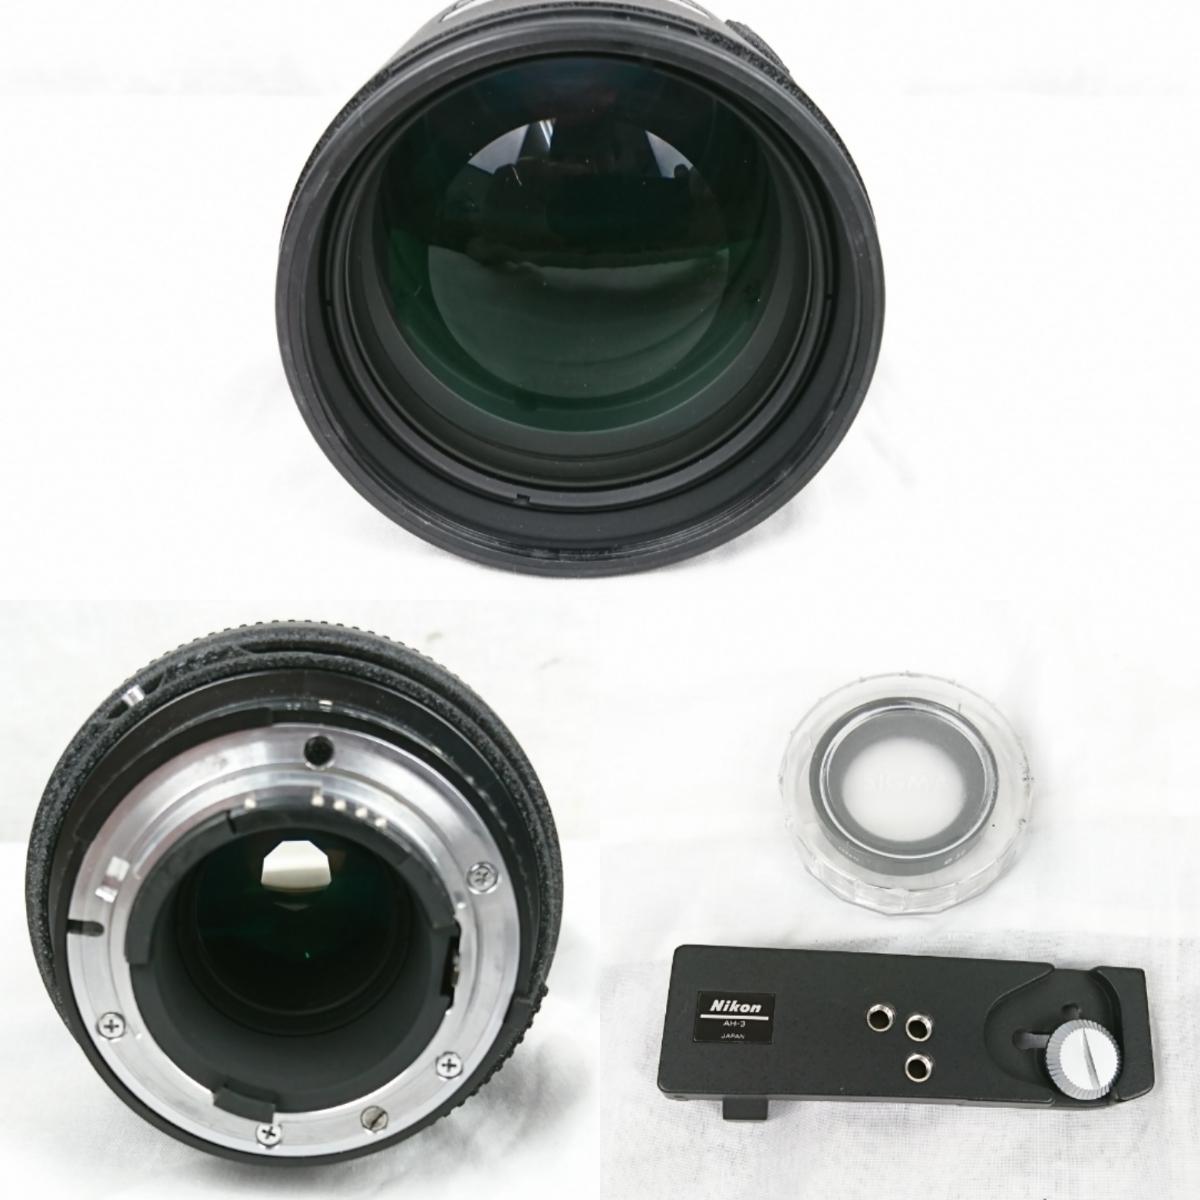 【GK-203】 Nikon ニコン カメラ F4 レンズ AF オートフォーカス Nikon ED AF NIKKOR 80-200mm AF NIKKOR 70-210mm NIKKOR 28-85mm_画像6